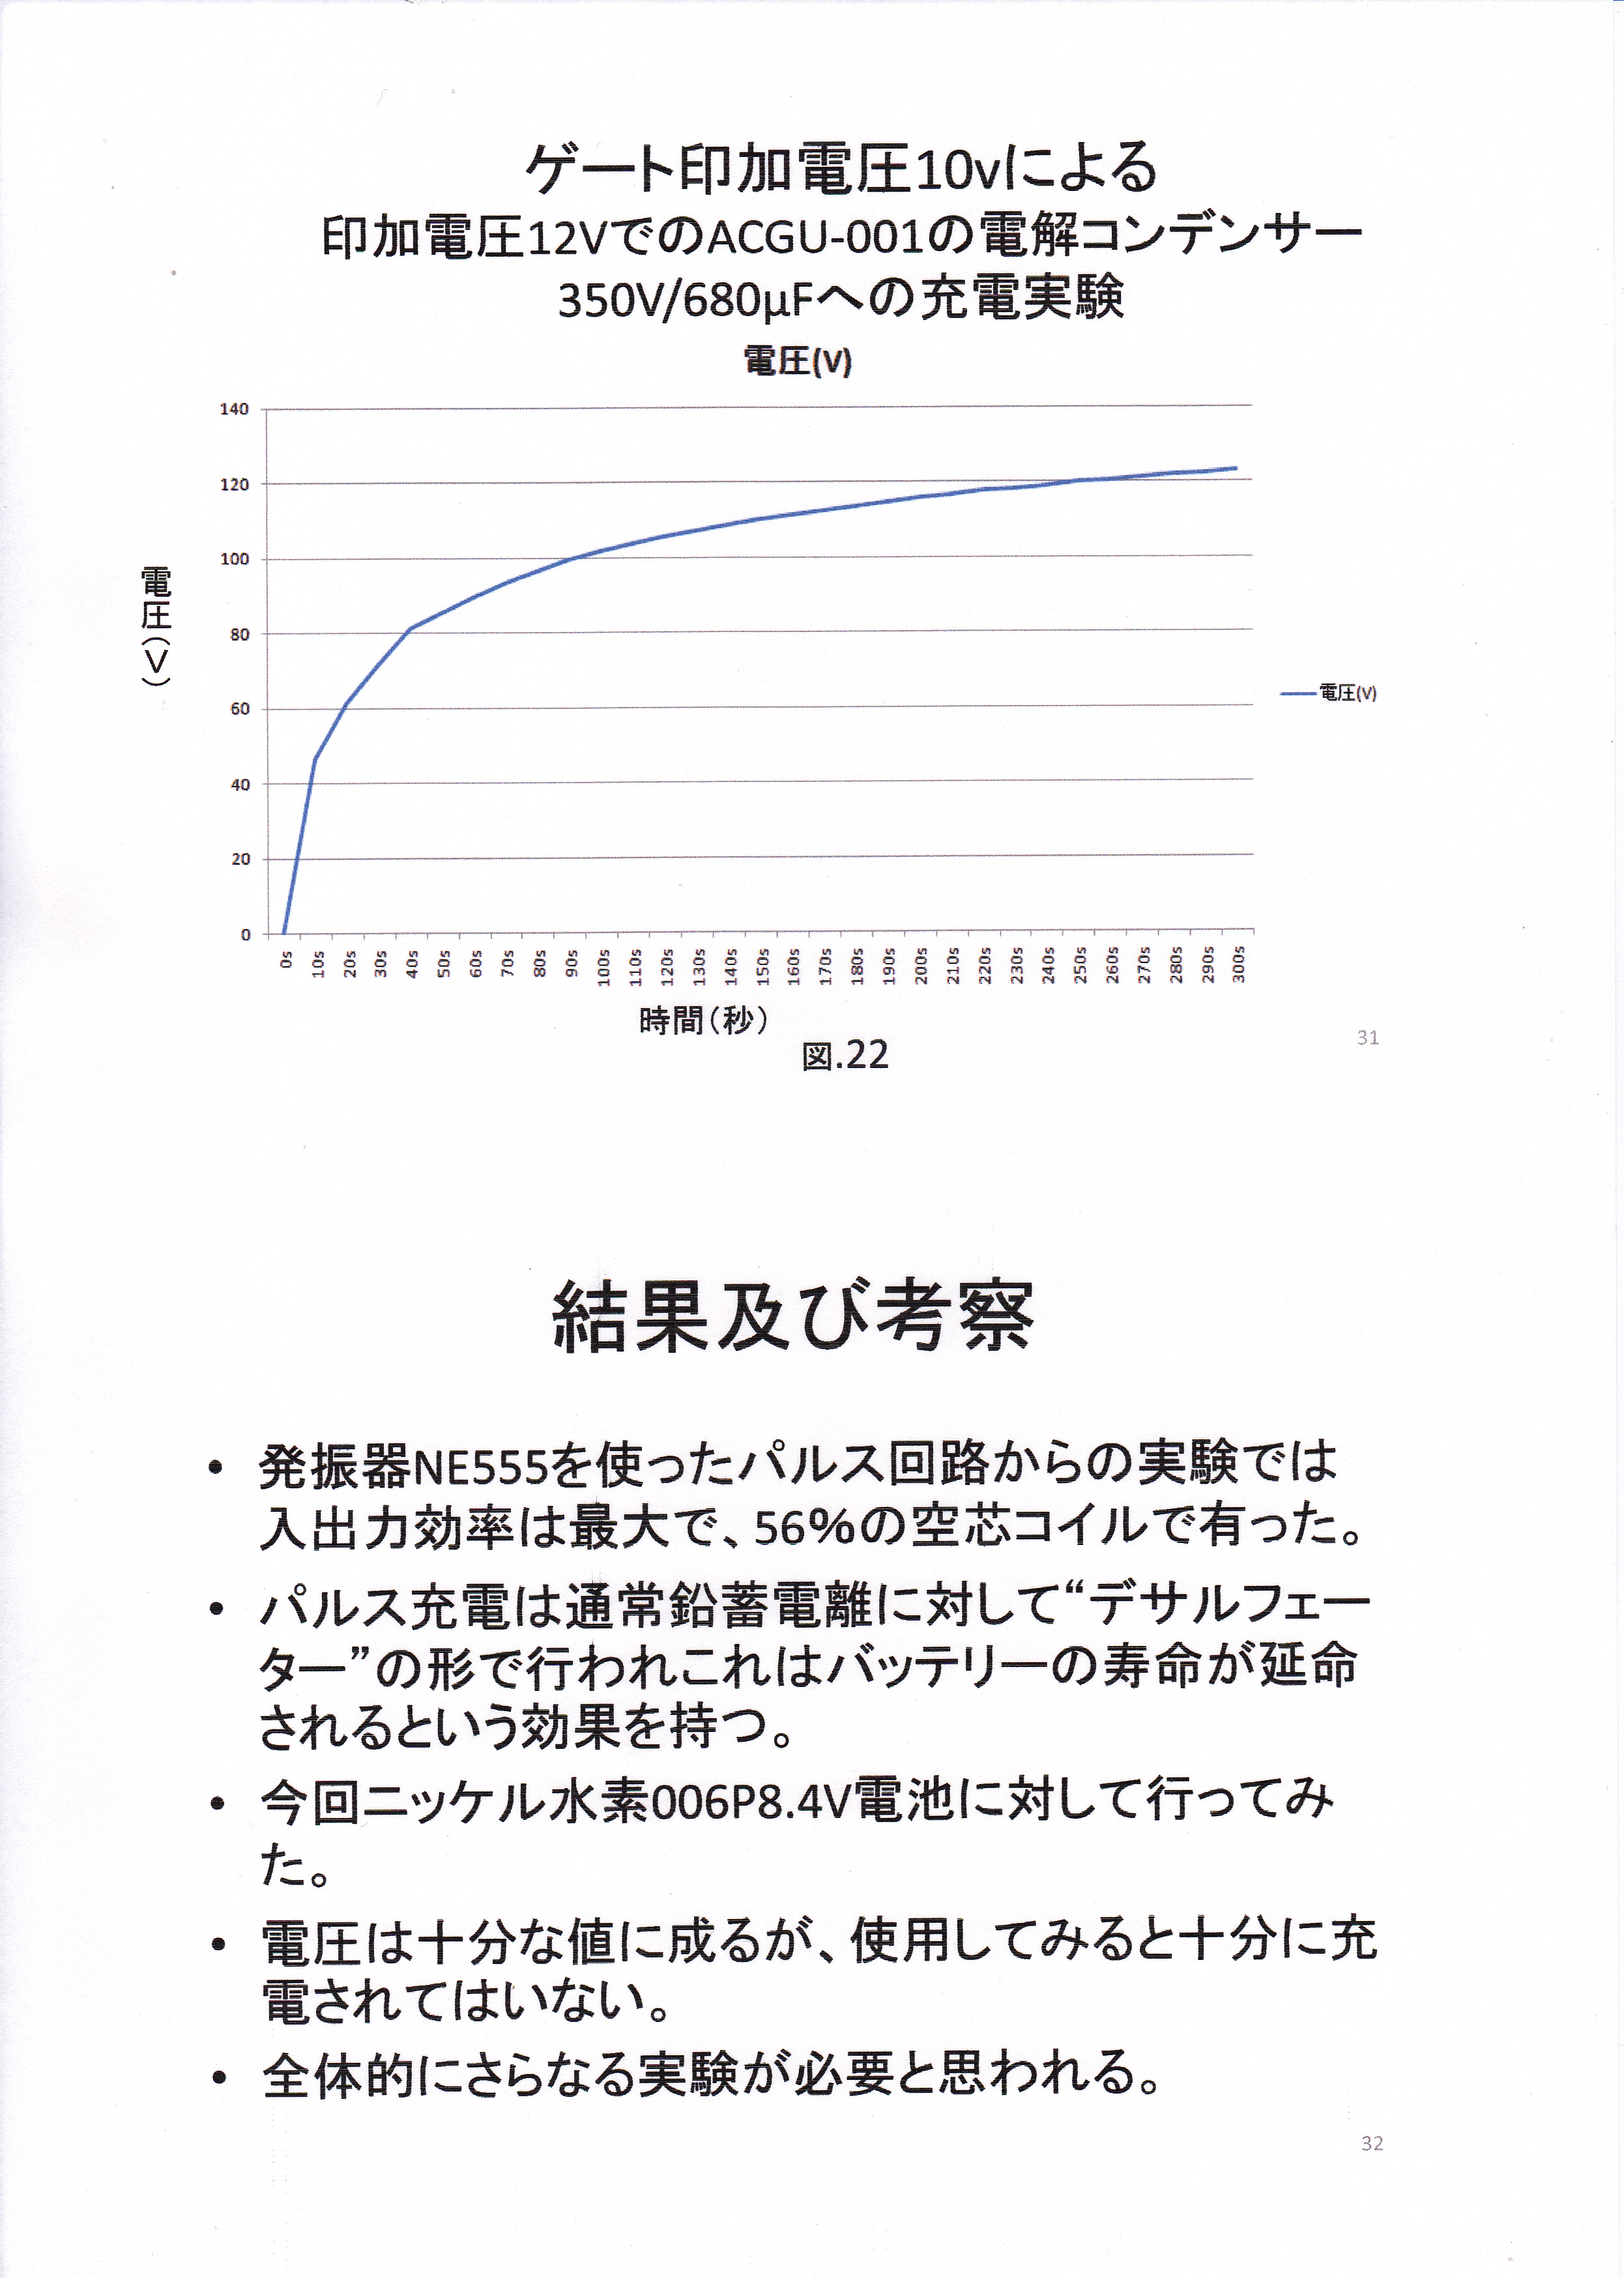 静止型発電機の基礎研究01-16